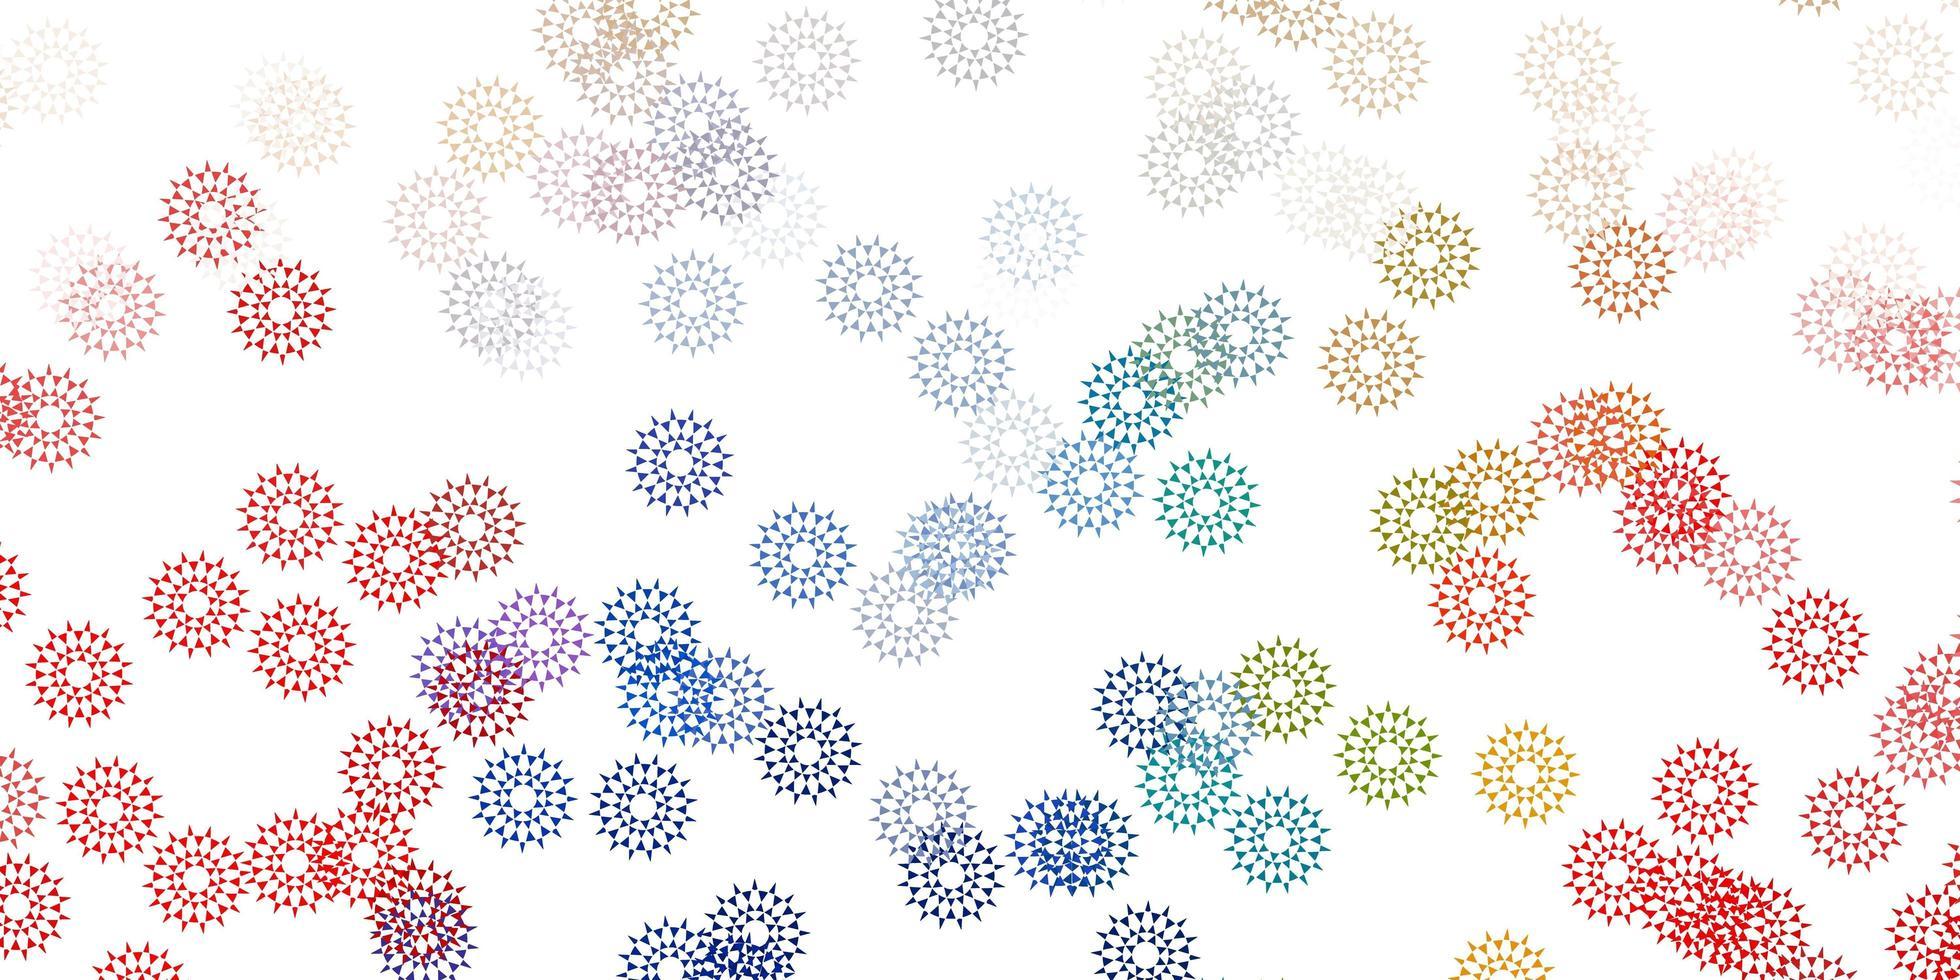 lichtblauwe, gele vector natuurlijke achtergrond met bloemen.